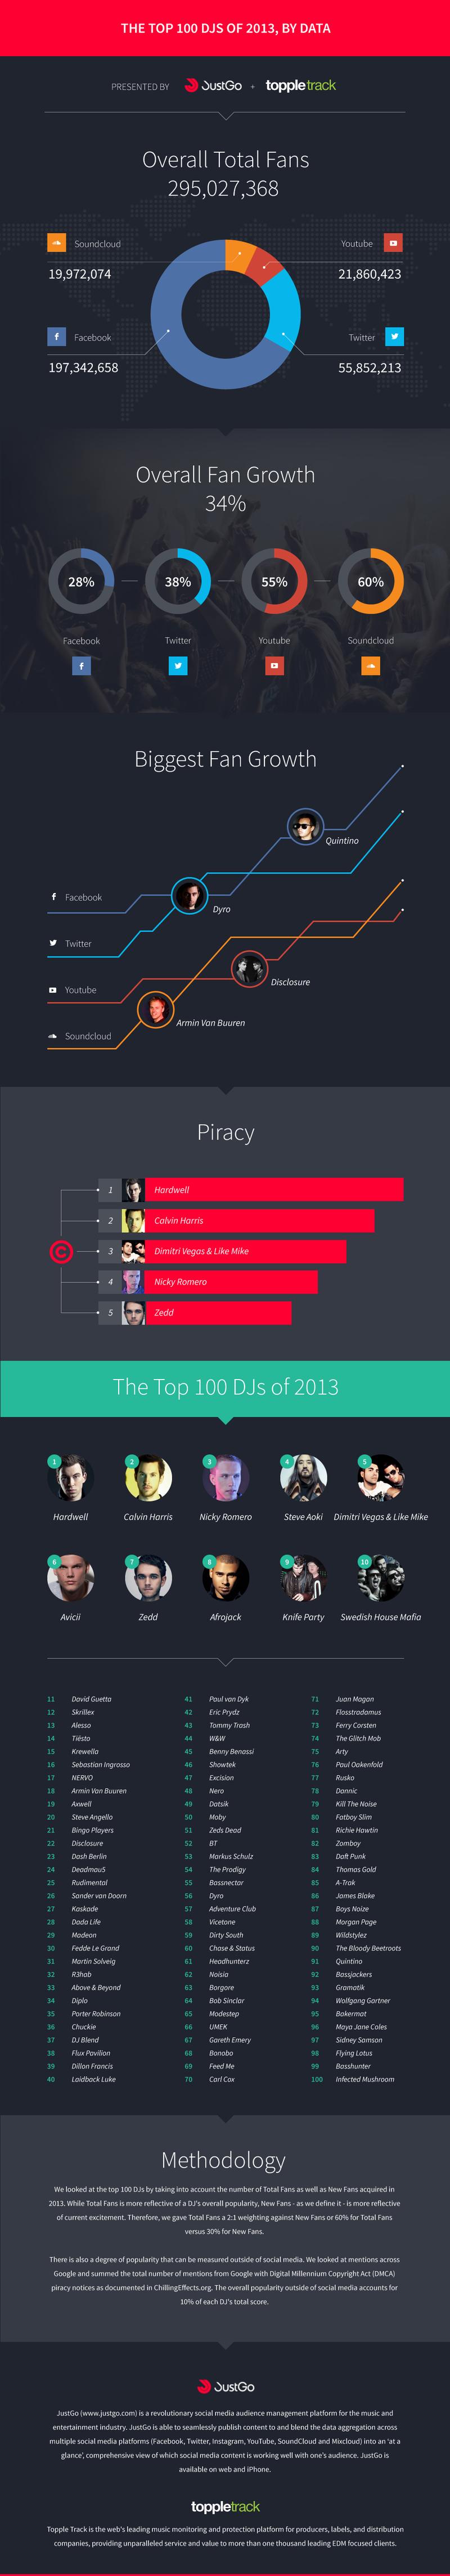 Top100 Dj's social media 2013